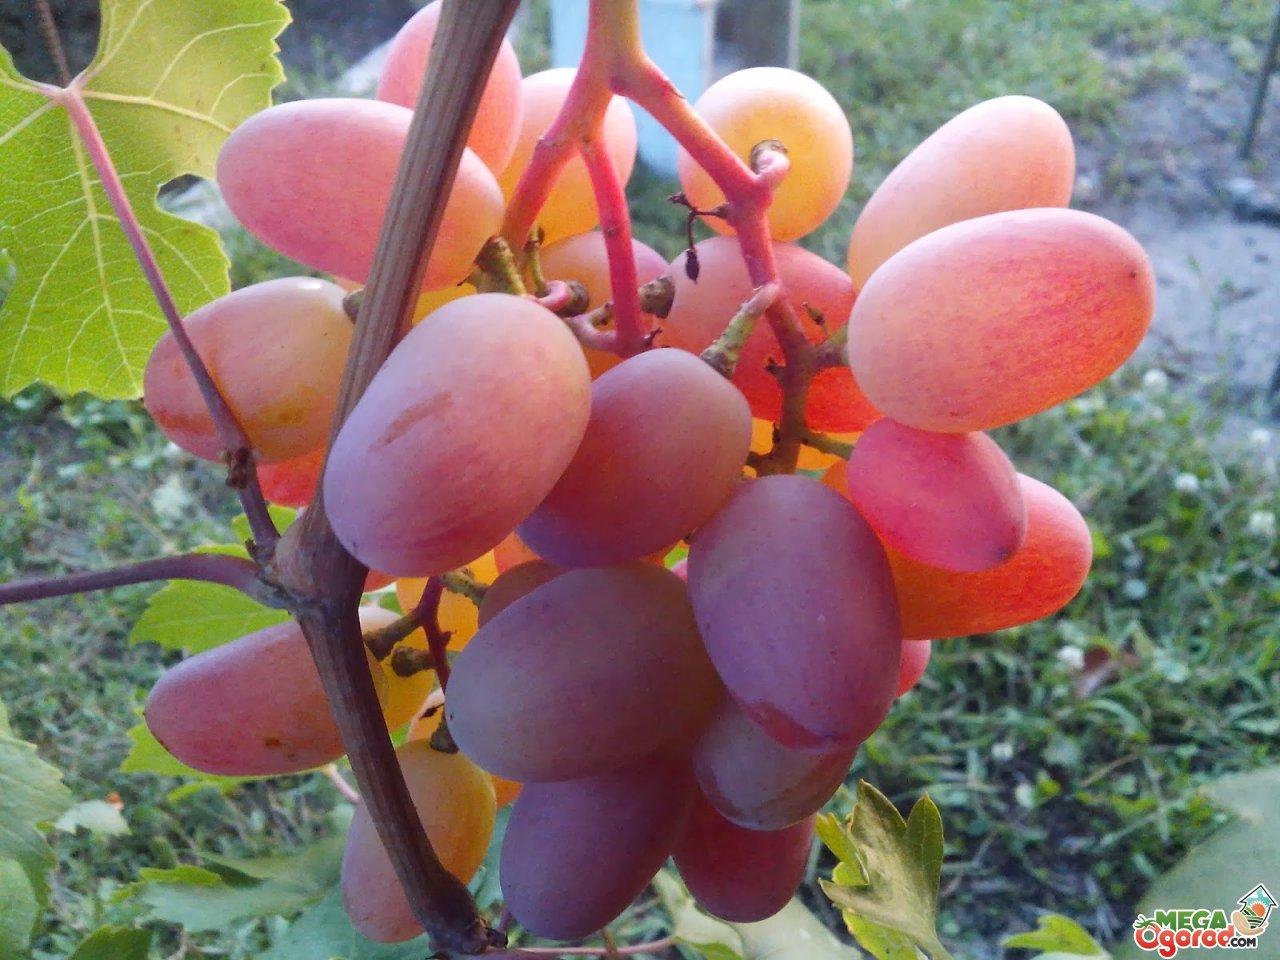 Виноград юбилей новочеркасска – хрустящее чудо